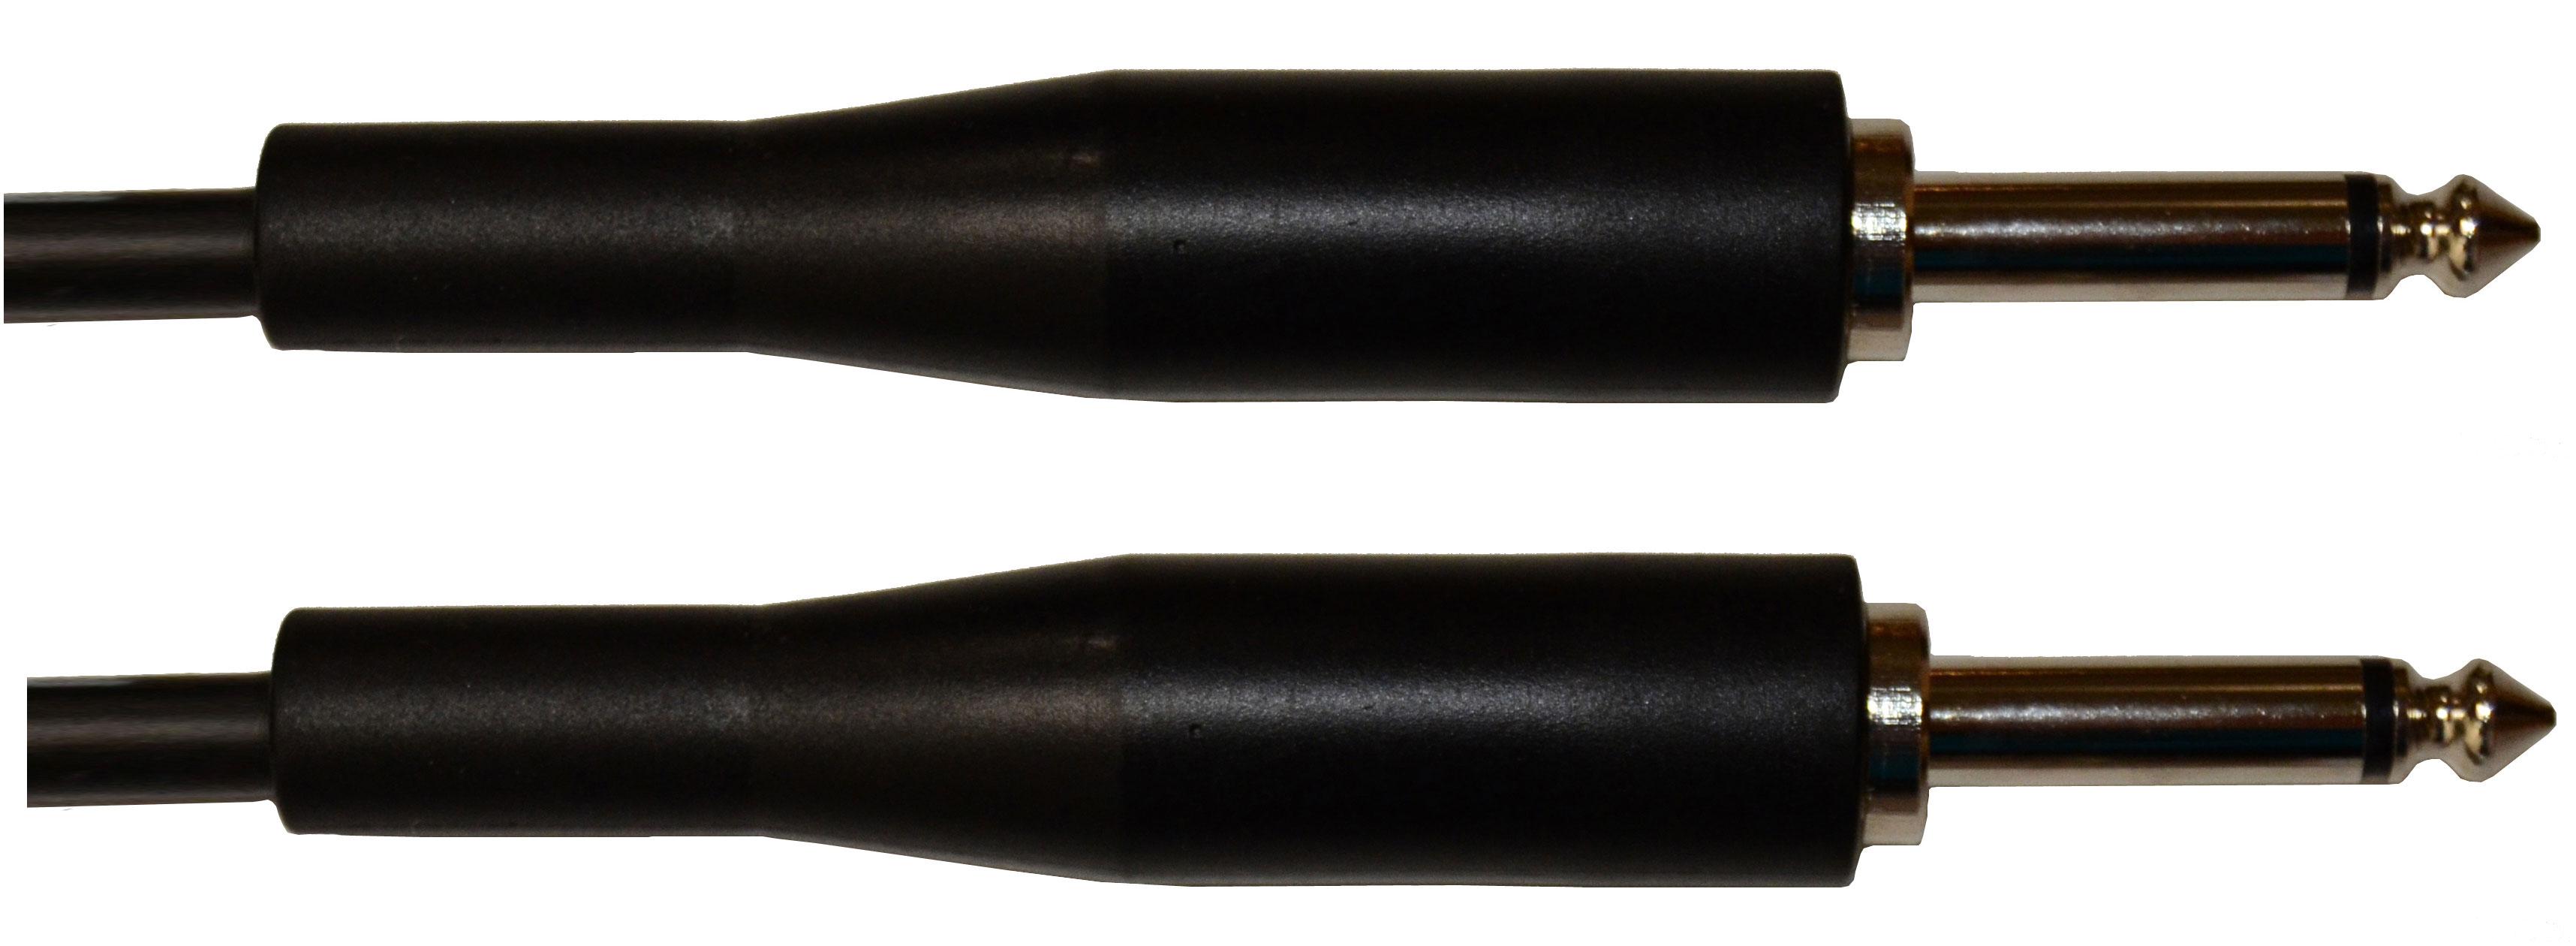 OQAN QABL JG-03-JG